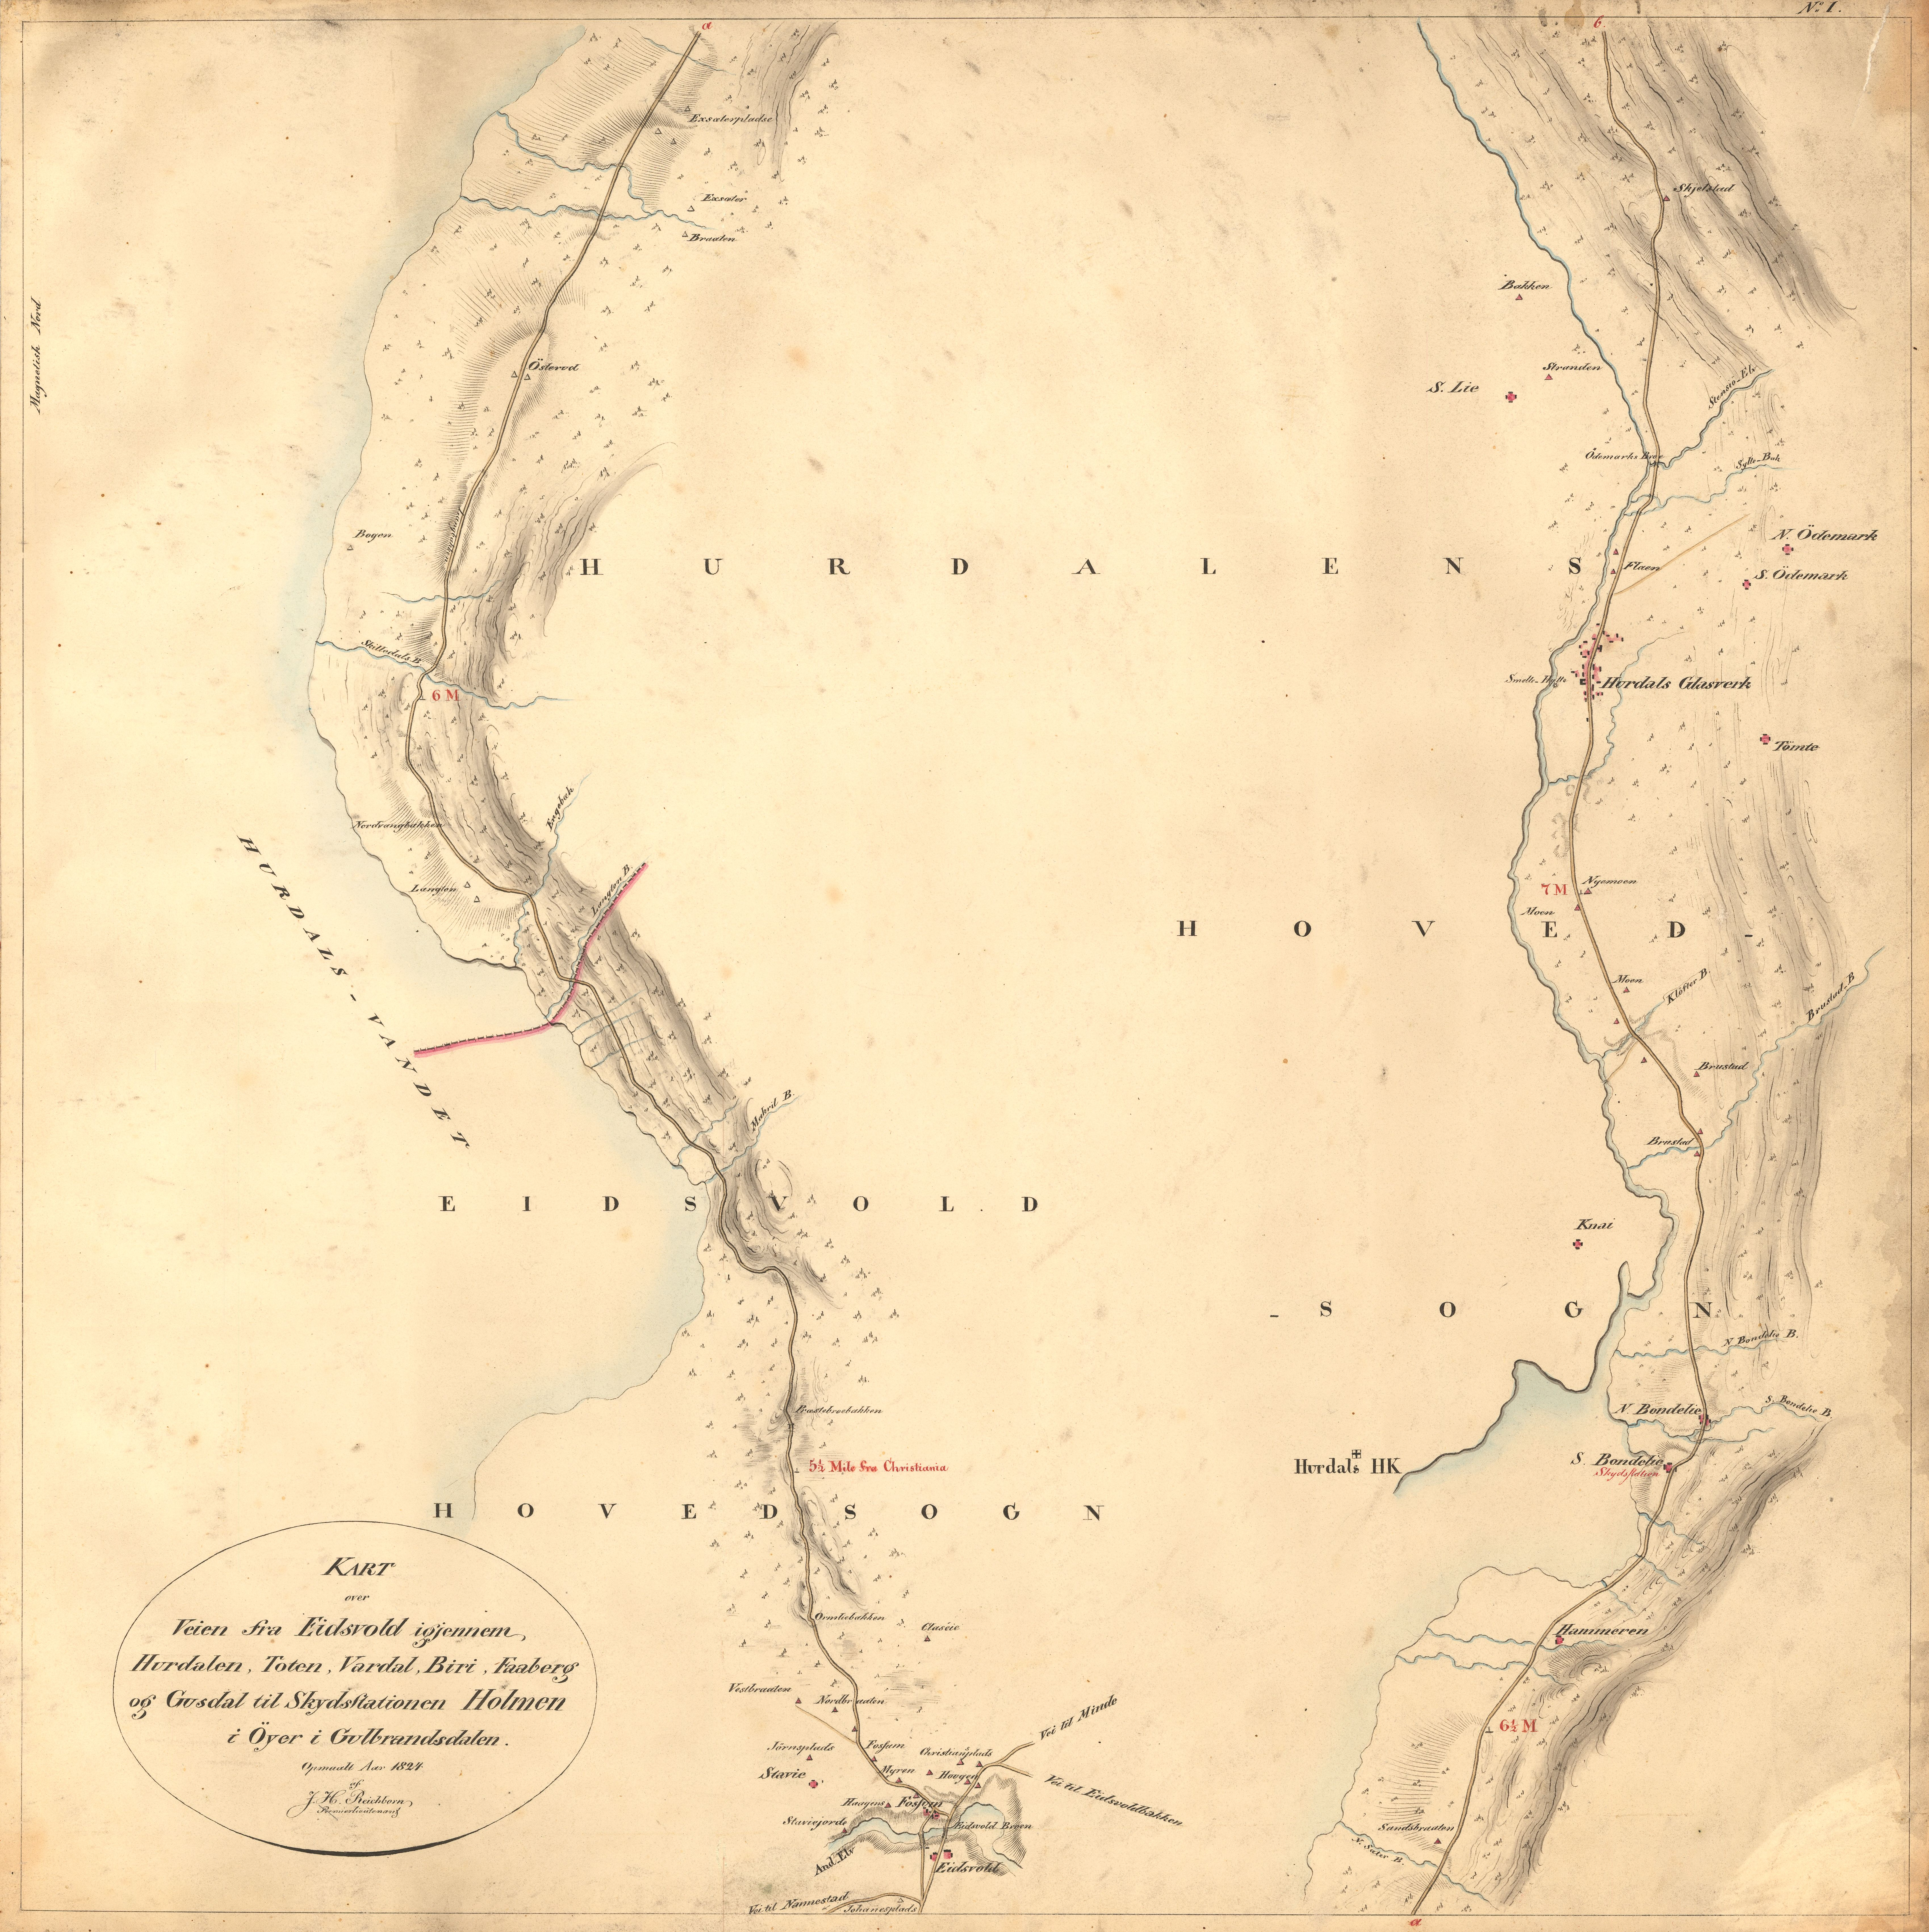 kart over hurdal File:Kartblad 1  Kart over Veien fra Eidsvold igjennm Hurdalen  kart over hurdal